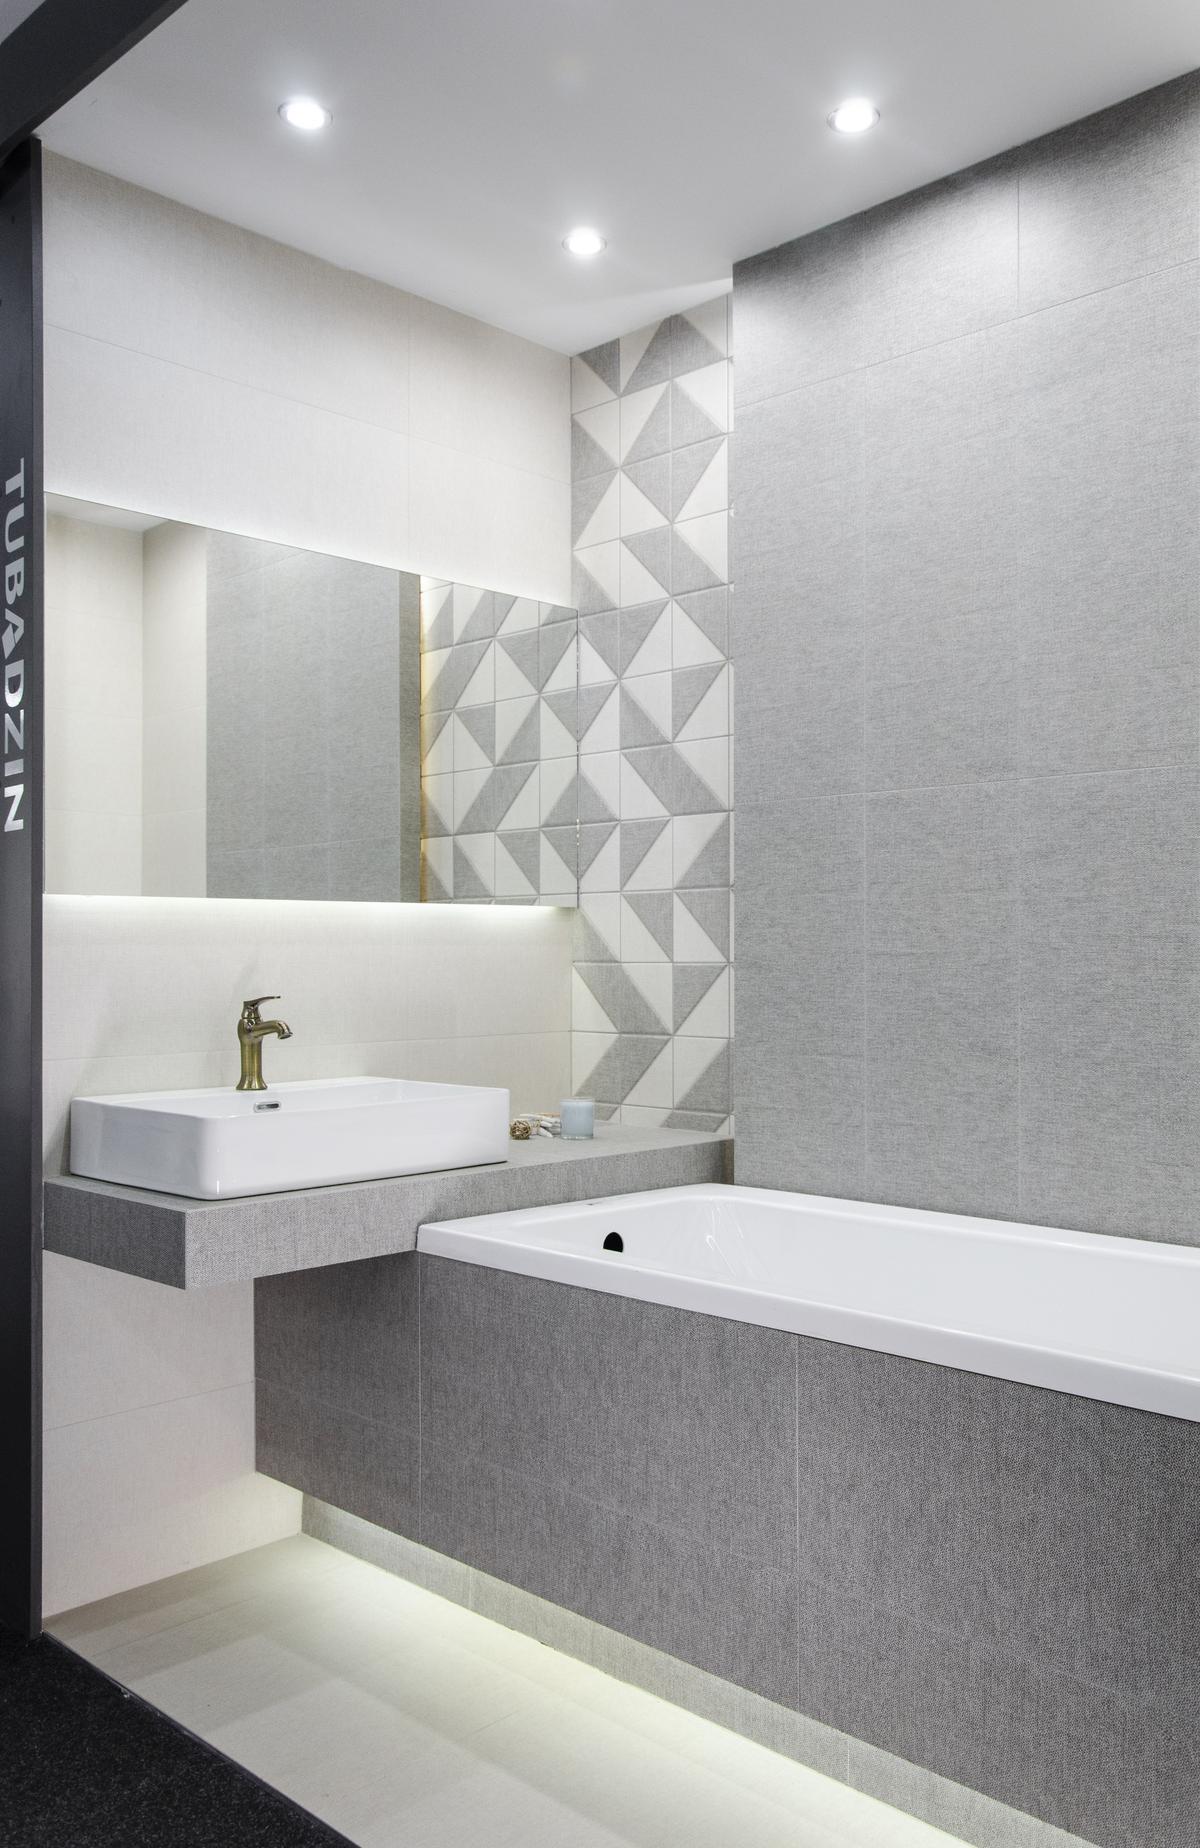 Biało-szara łazienka ze strukturalną płytką  - zdjęcie od BLU salon łazienek Skierniewice